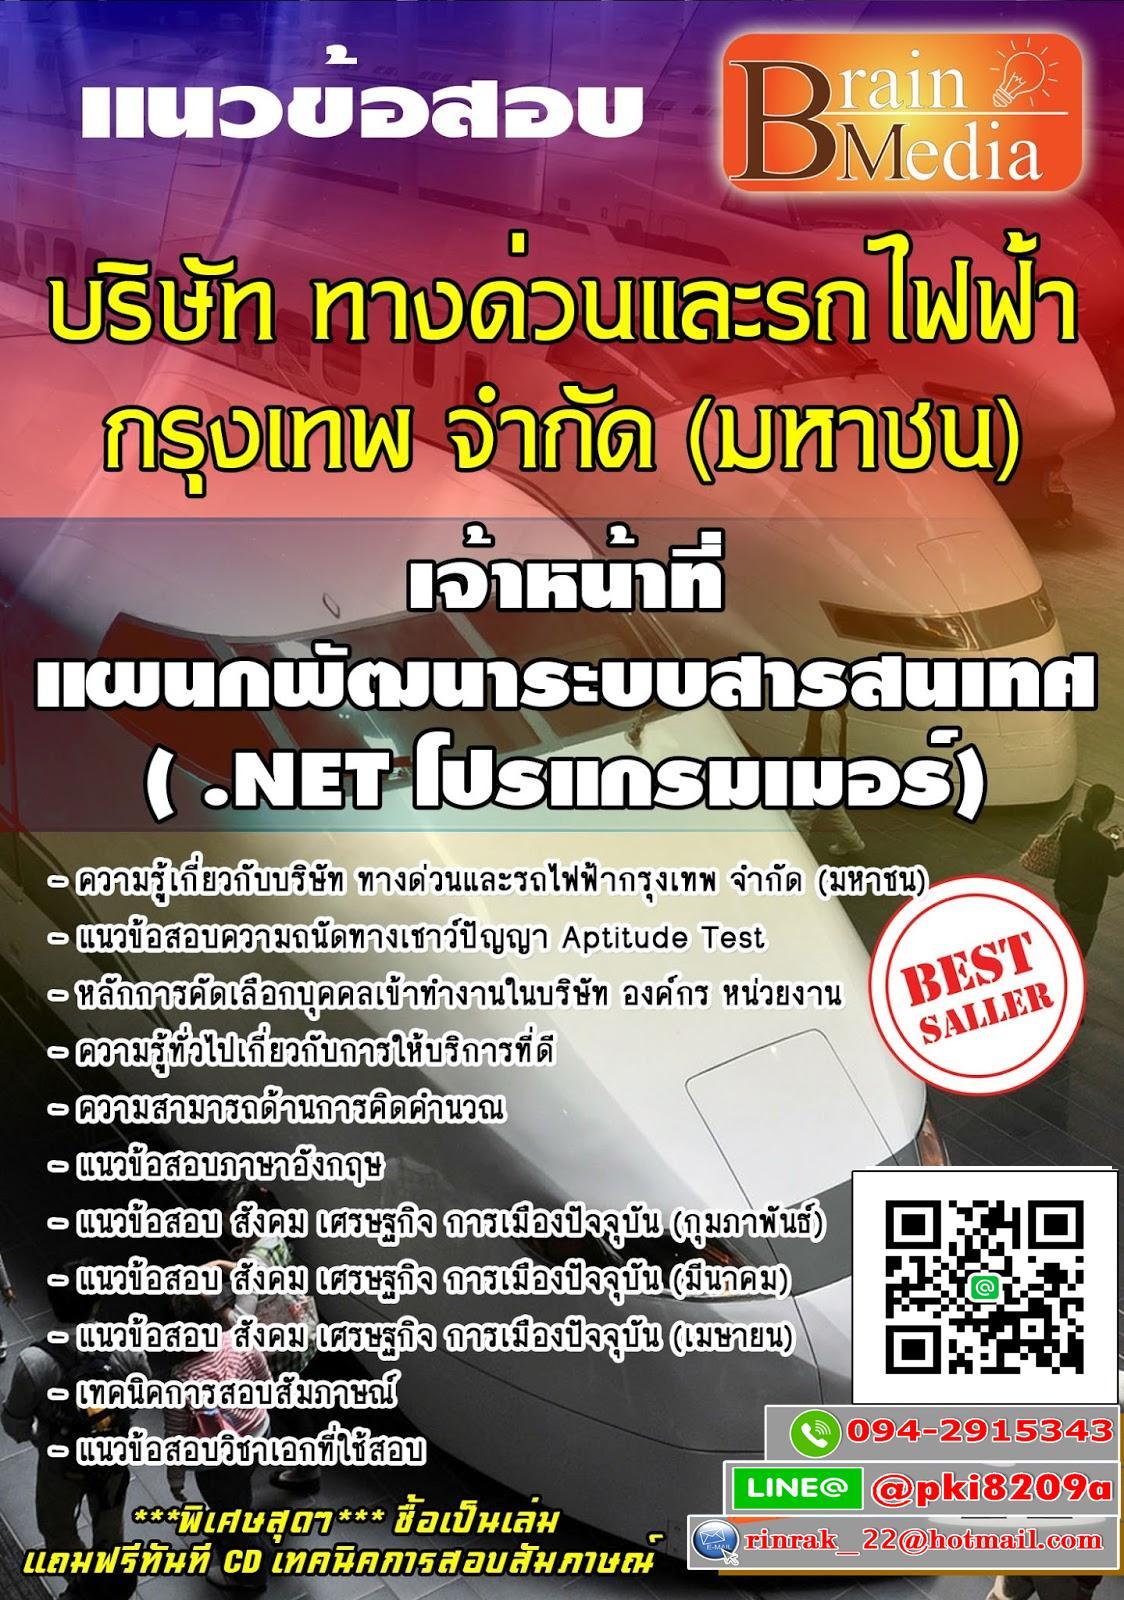 สรุปแนวข้อสอบ เจ้าหน้าที่แผนกพัฒนาระบบสารสนเทศ(.NETโปรแกรมเมอร์) บริษัททางด่วนและรถไฟฟ้ากรุงเทพจำกัด(มหาชน)